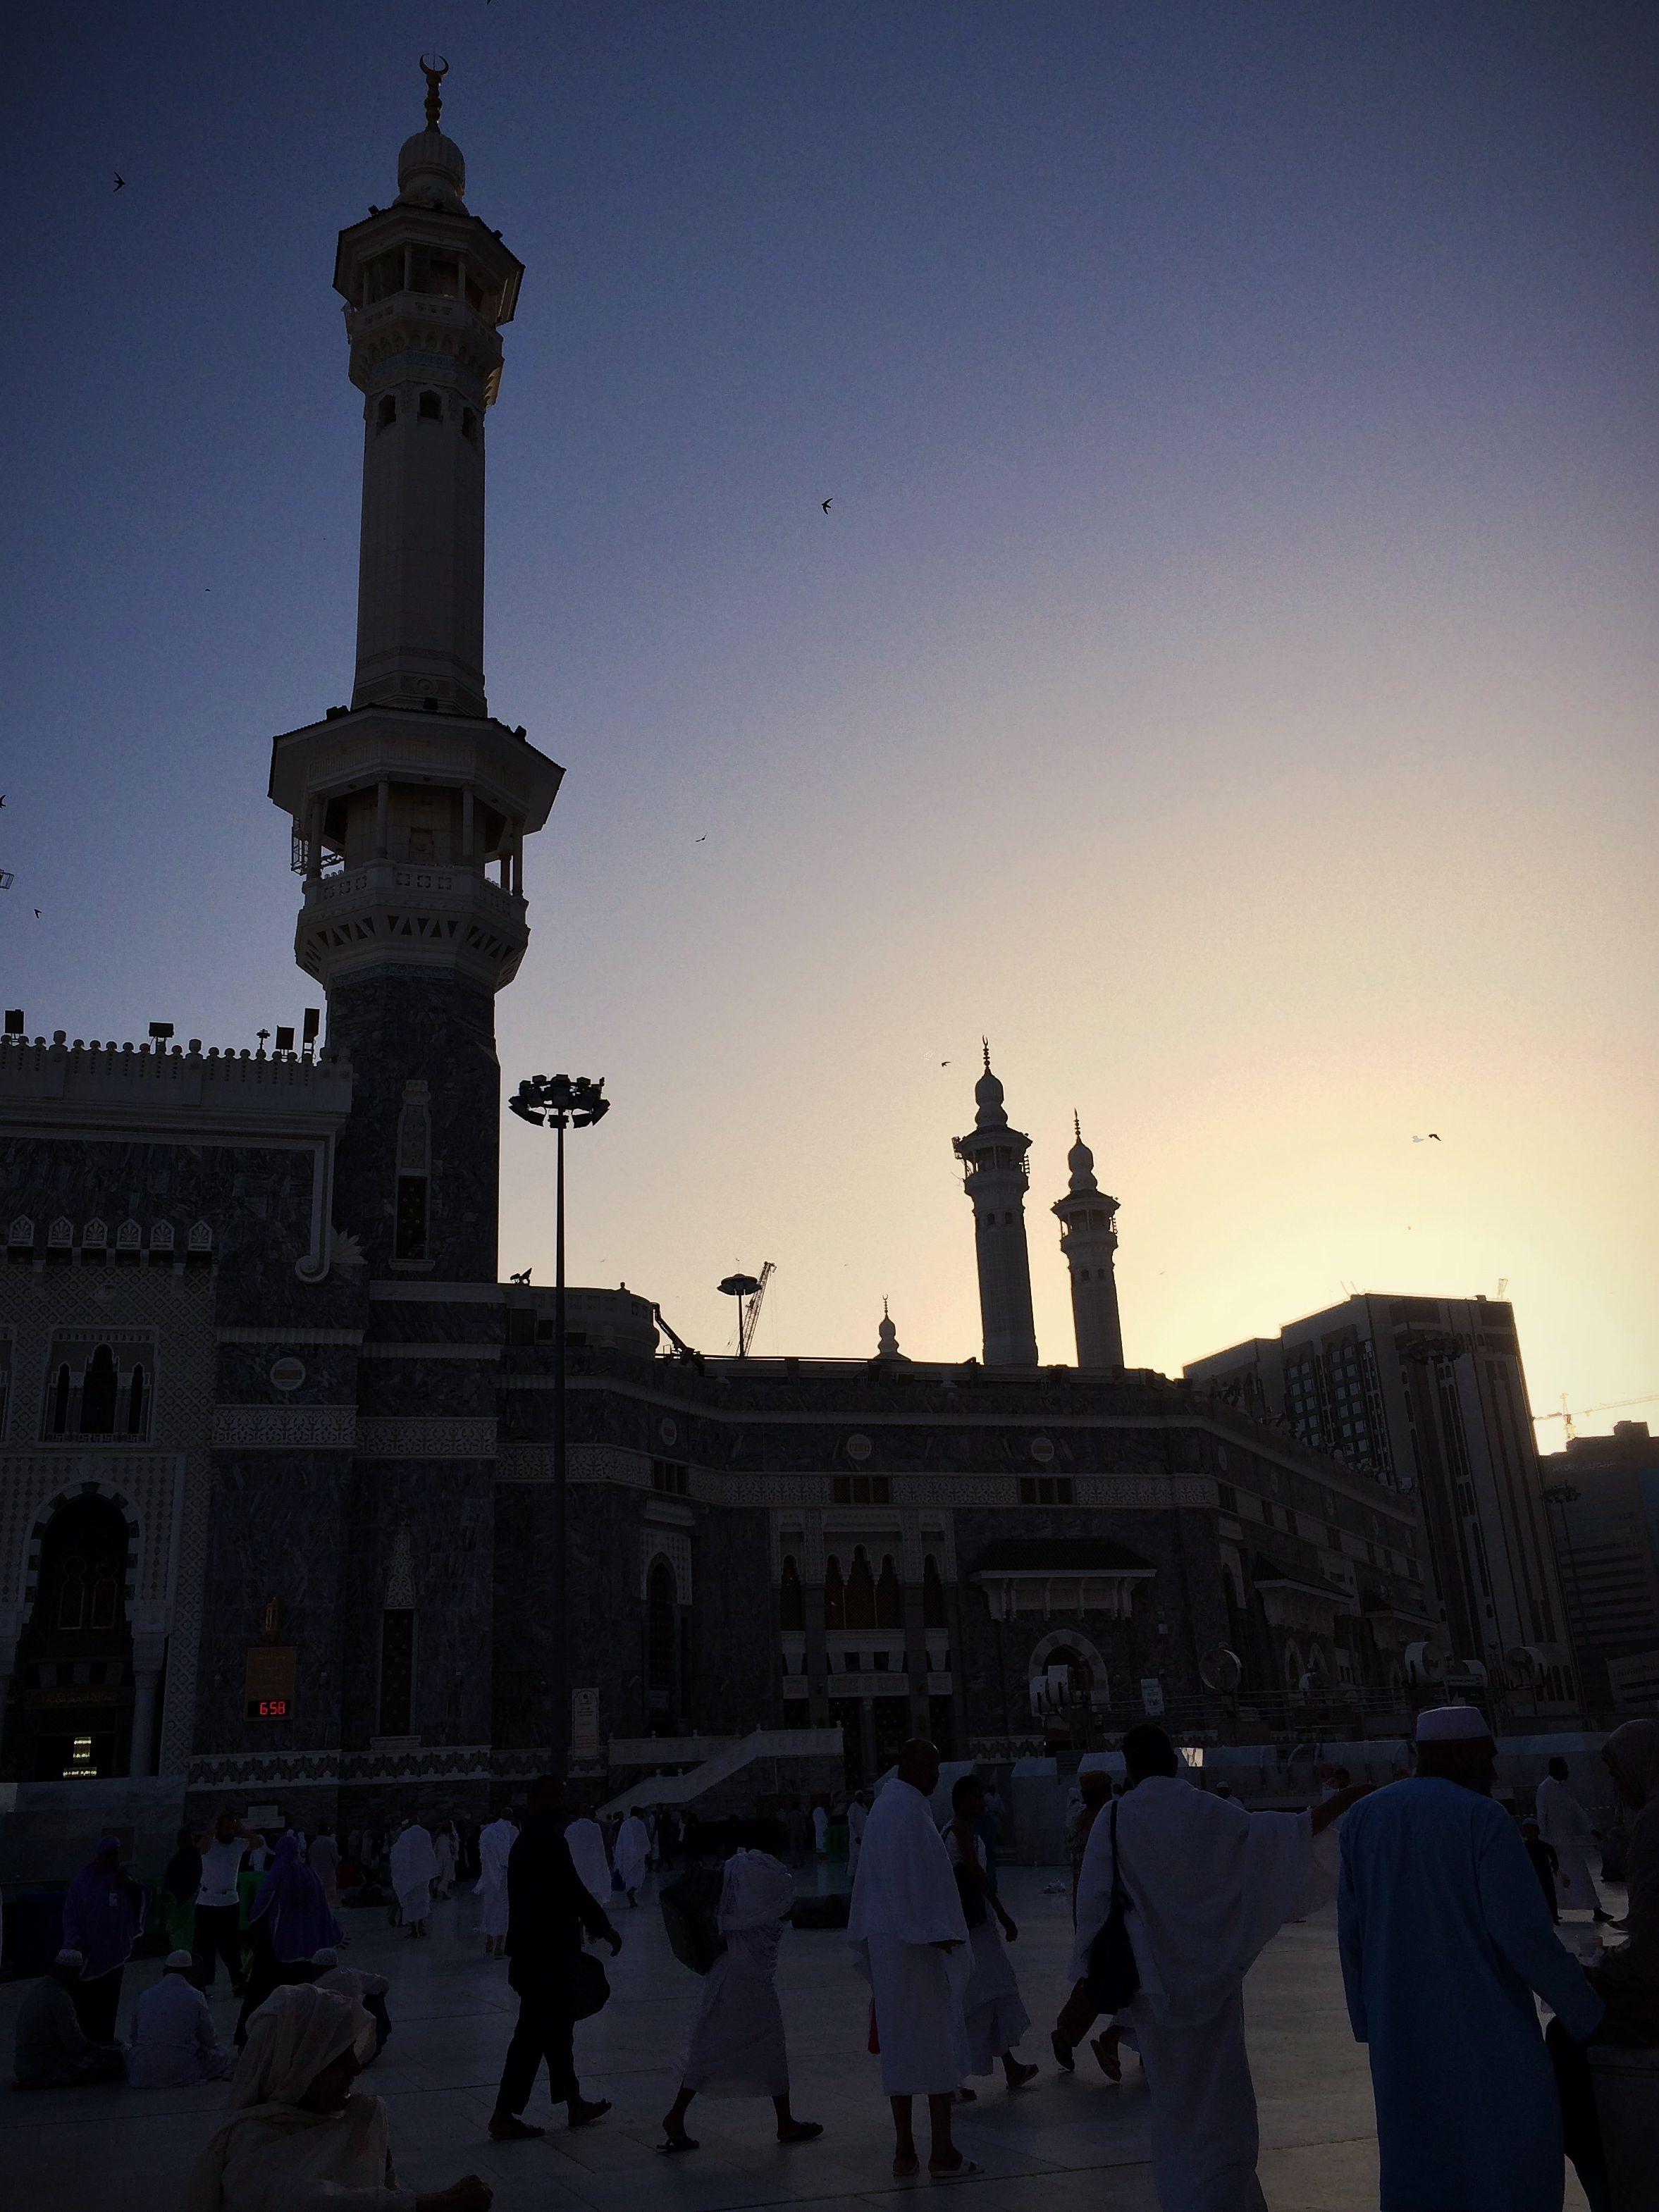 الشروق في المسجد الحرام مكة المكرمة Sunrise At Al Masjid Al Haram Makkah Cn Tower Tower Landmarks